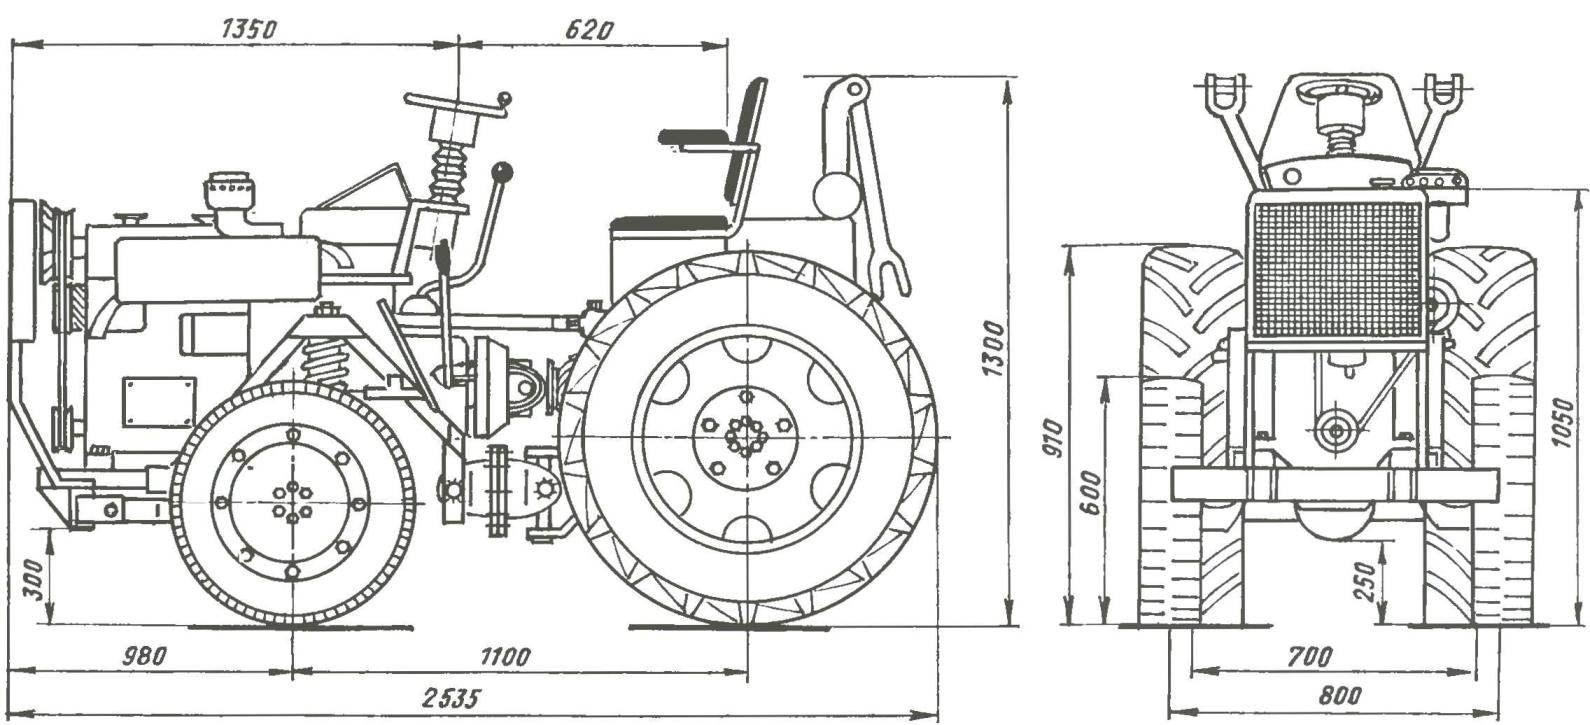 Самодельный трактор фото чертежи схемы